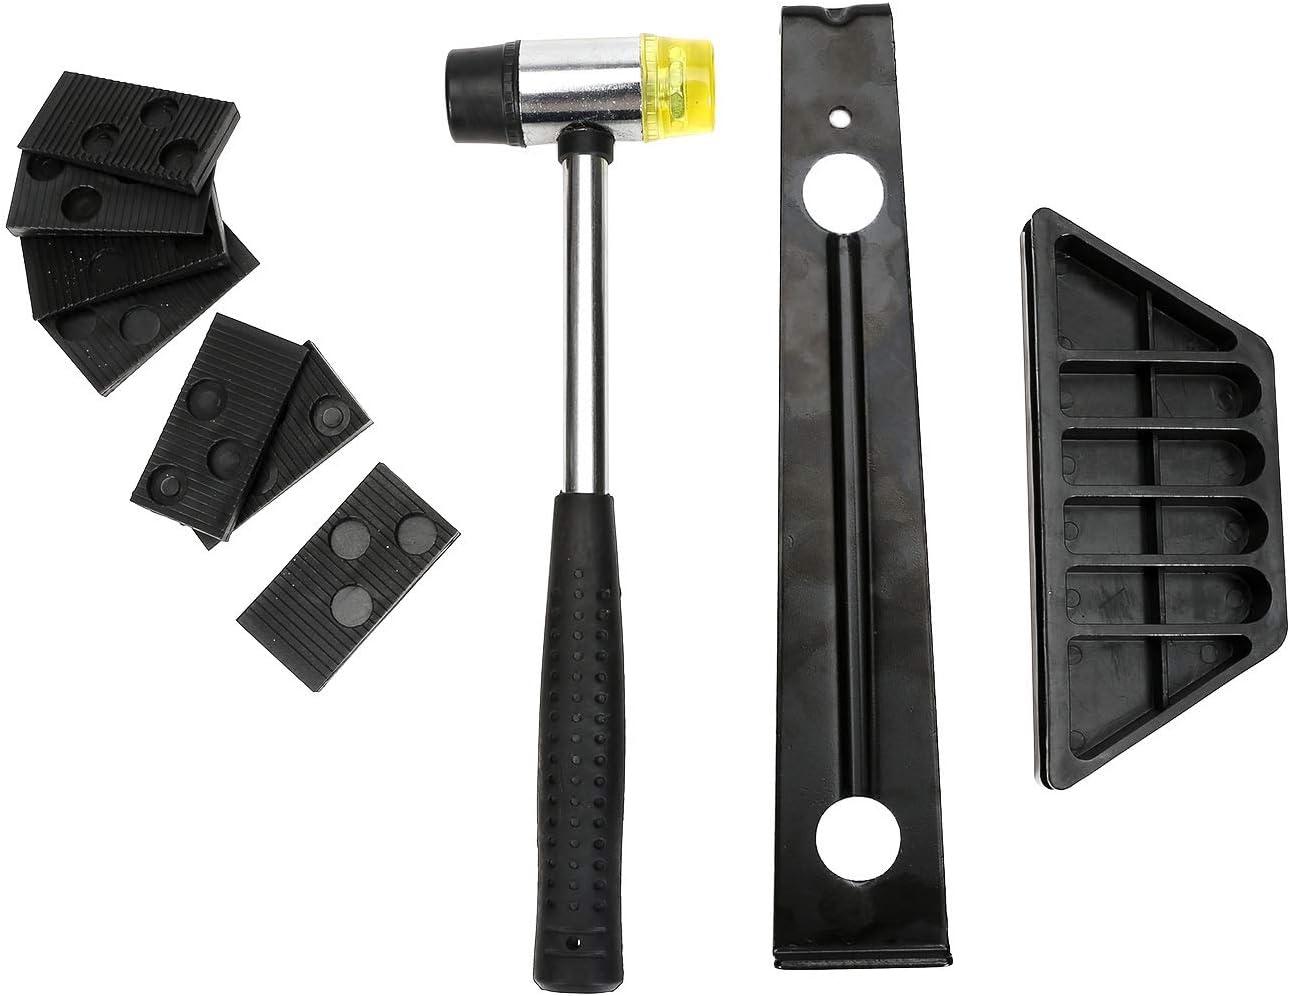 bloc de taraudage en bois barre de traction /étendue et outils de montage au sol /à maillet /à double t/ête Yideng Kit dinstallation pour parquet stratifi/é avec 20 entretoises